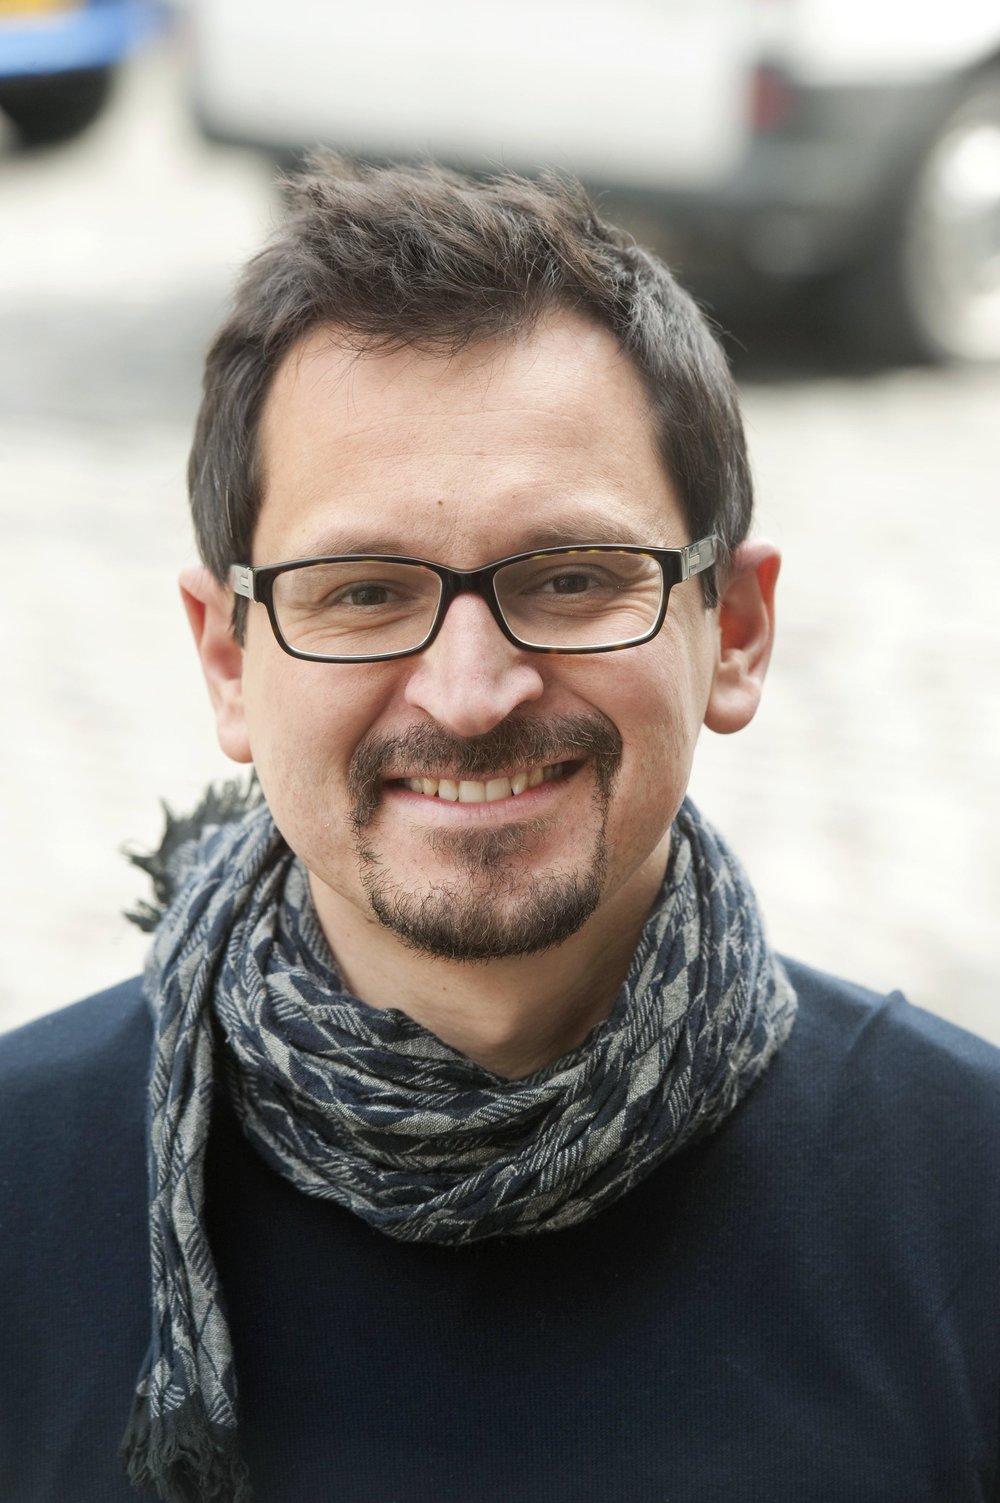 Carlo_Pirozzi_1.jpg